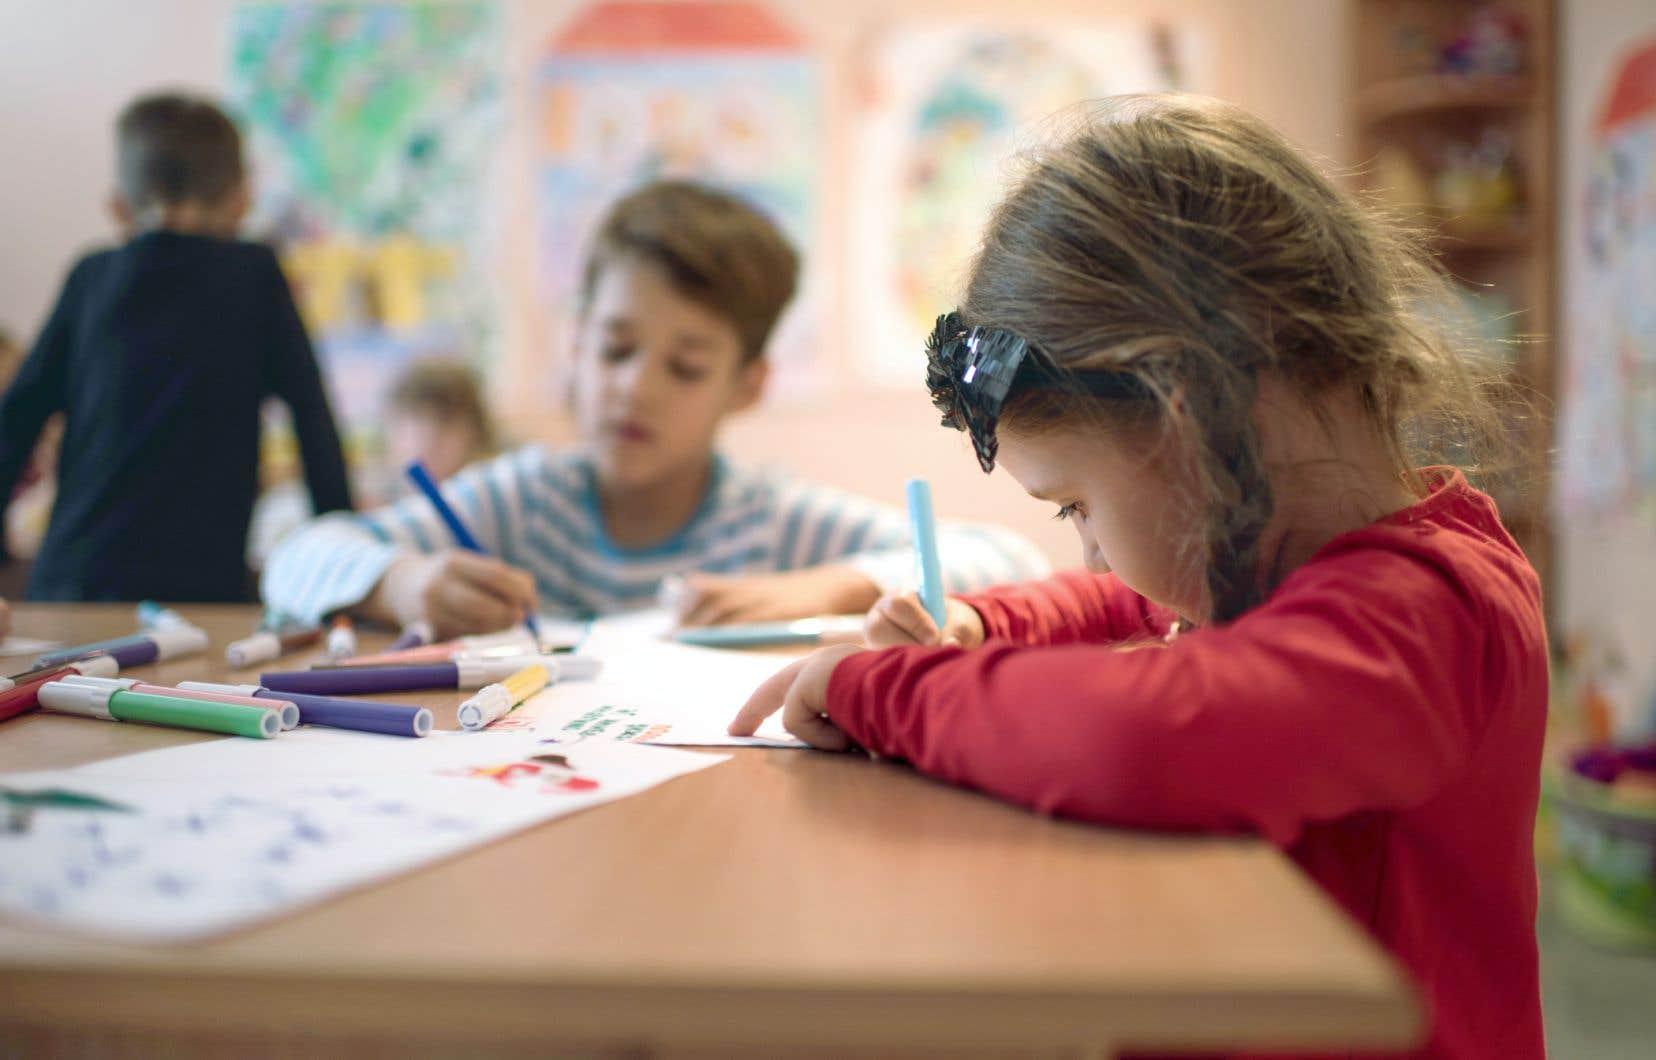 «La standardisation à l'échelle nationale des procédures d'identification du degré de vulnérabilité d'un élève aura pour effet de hiérarchiser les élèves et de départager les